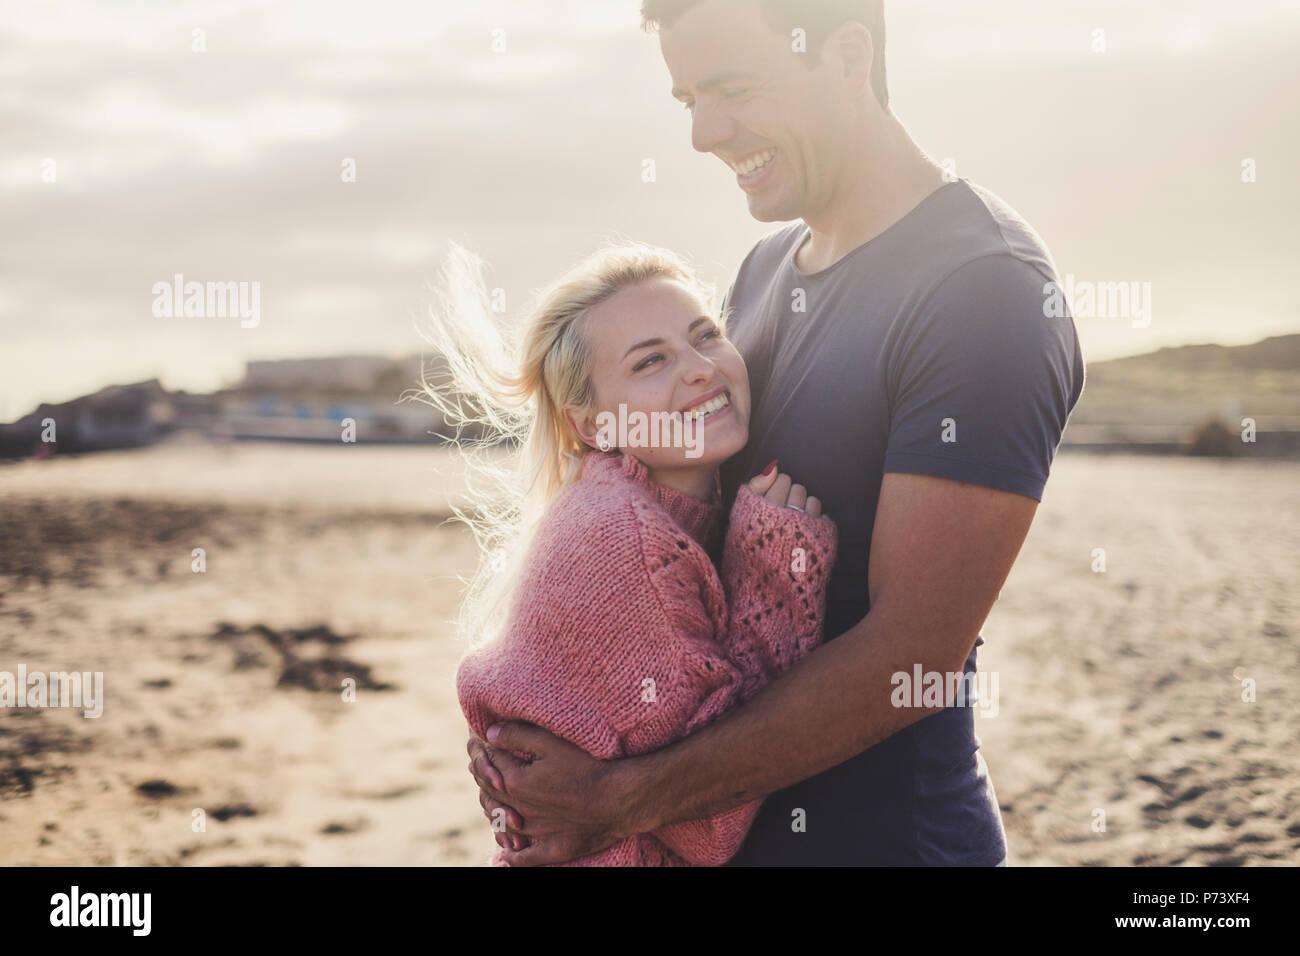 Aucasian Paar in Liebe und romantische Szene innerhalb eines alten Vintage Camper bereit zu reisen und einen gemeinsamen Urlaub mit Glück und Freude. Blond. Stockbild